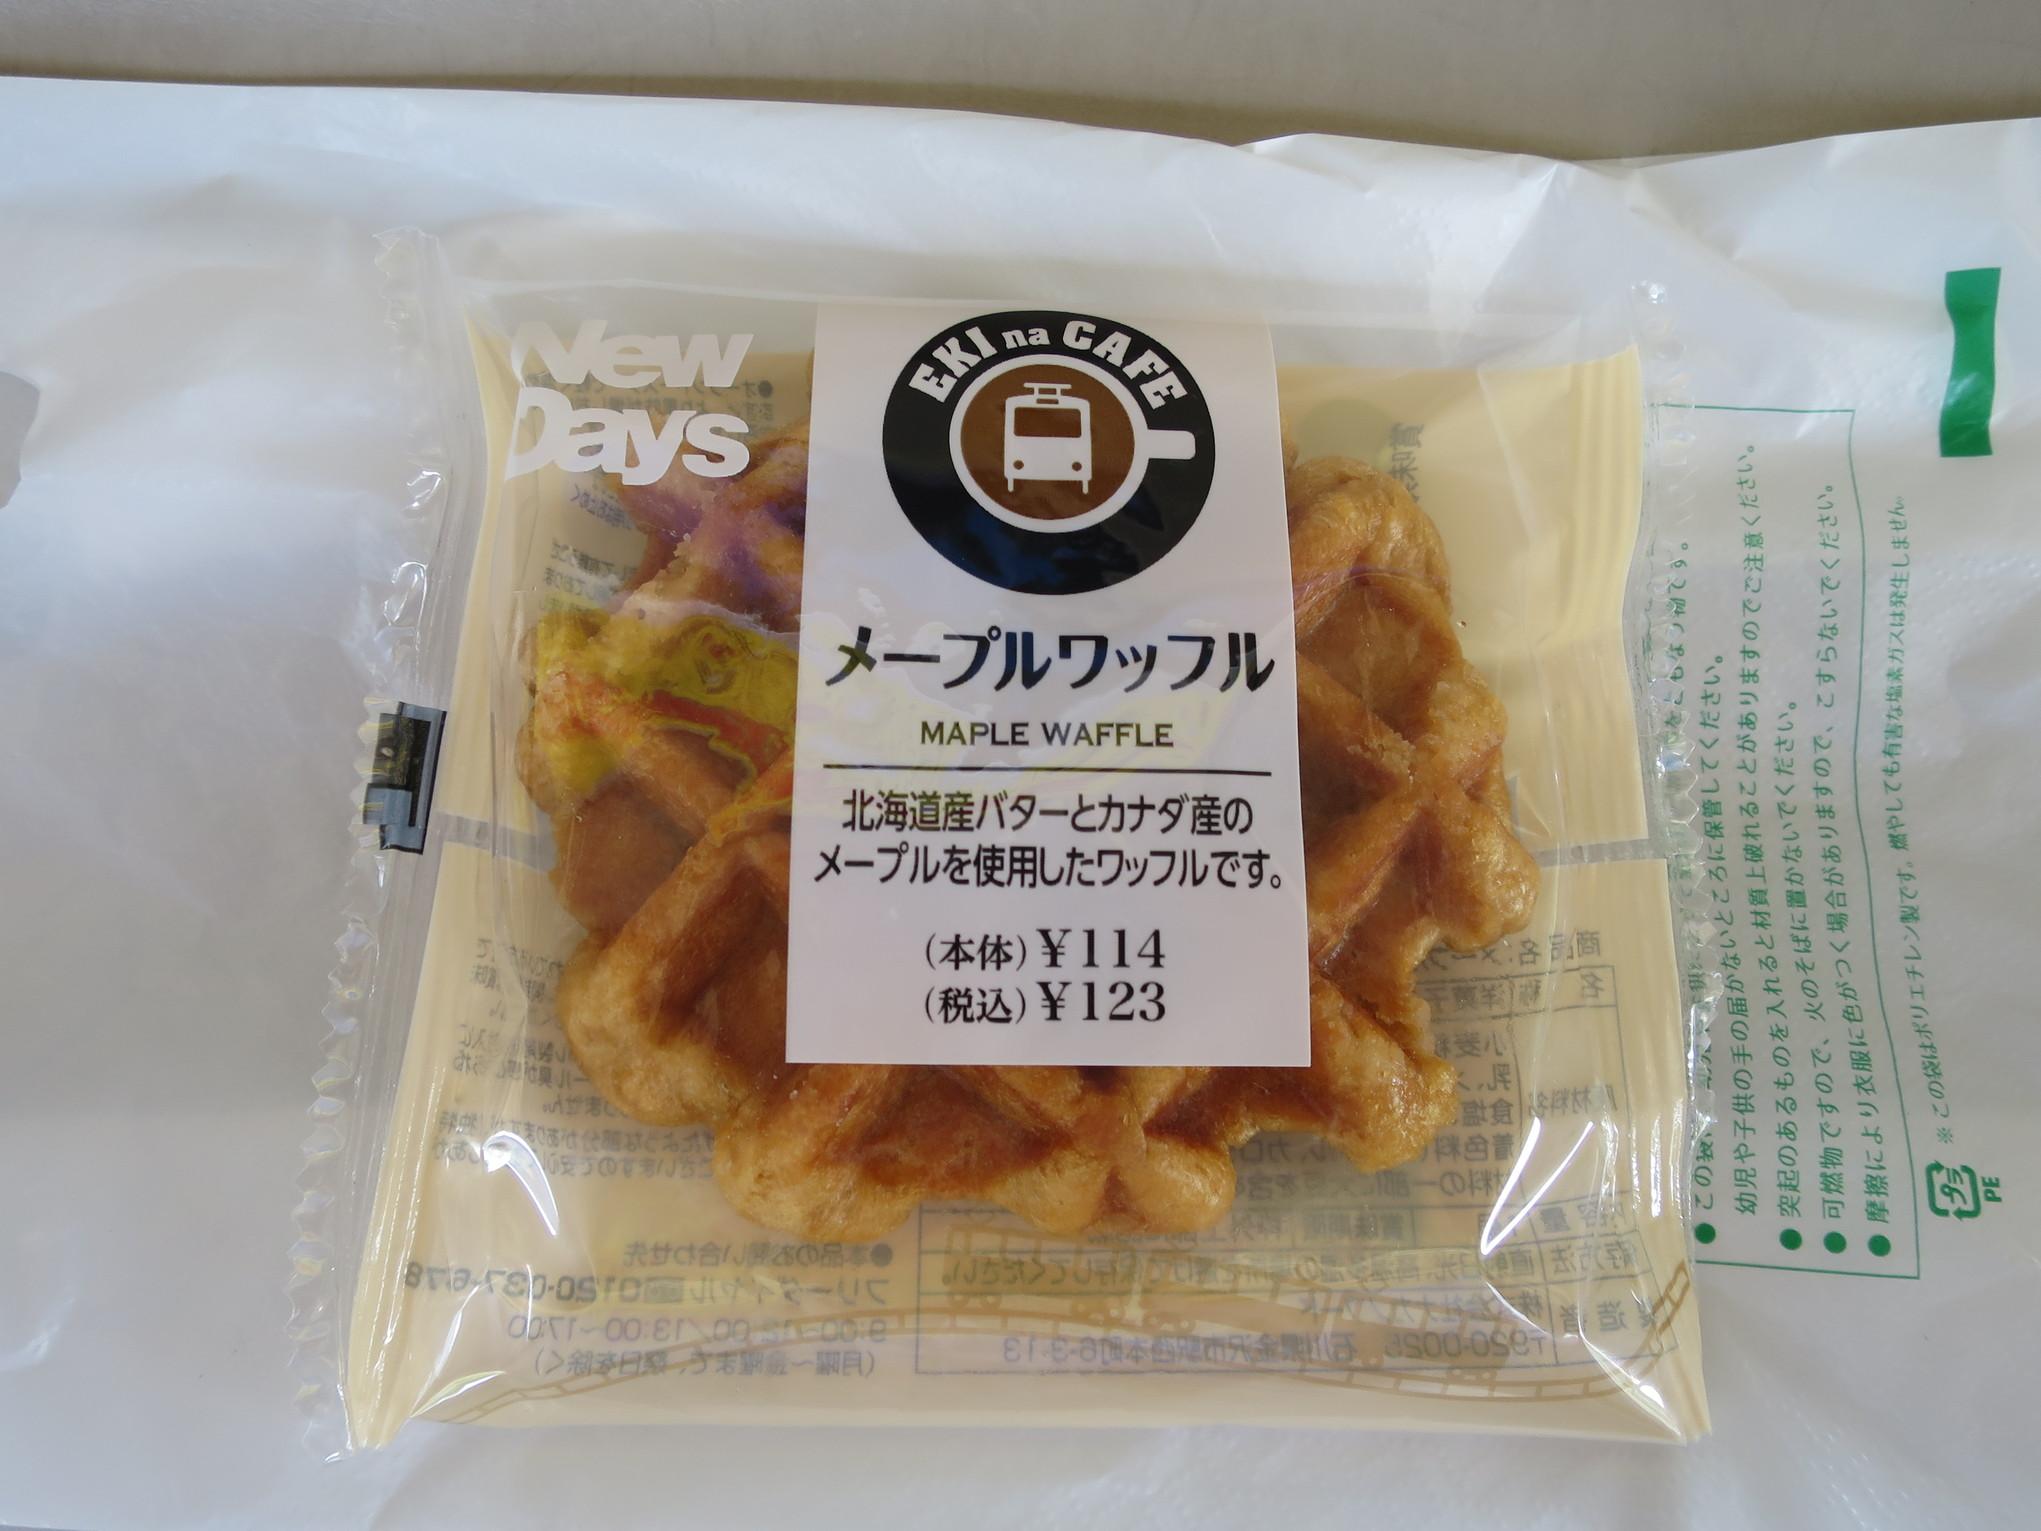 ニューデイズミニ 東戸塚1号店